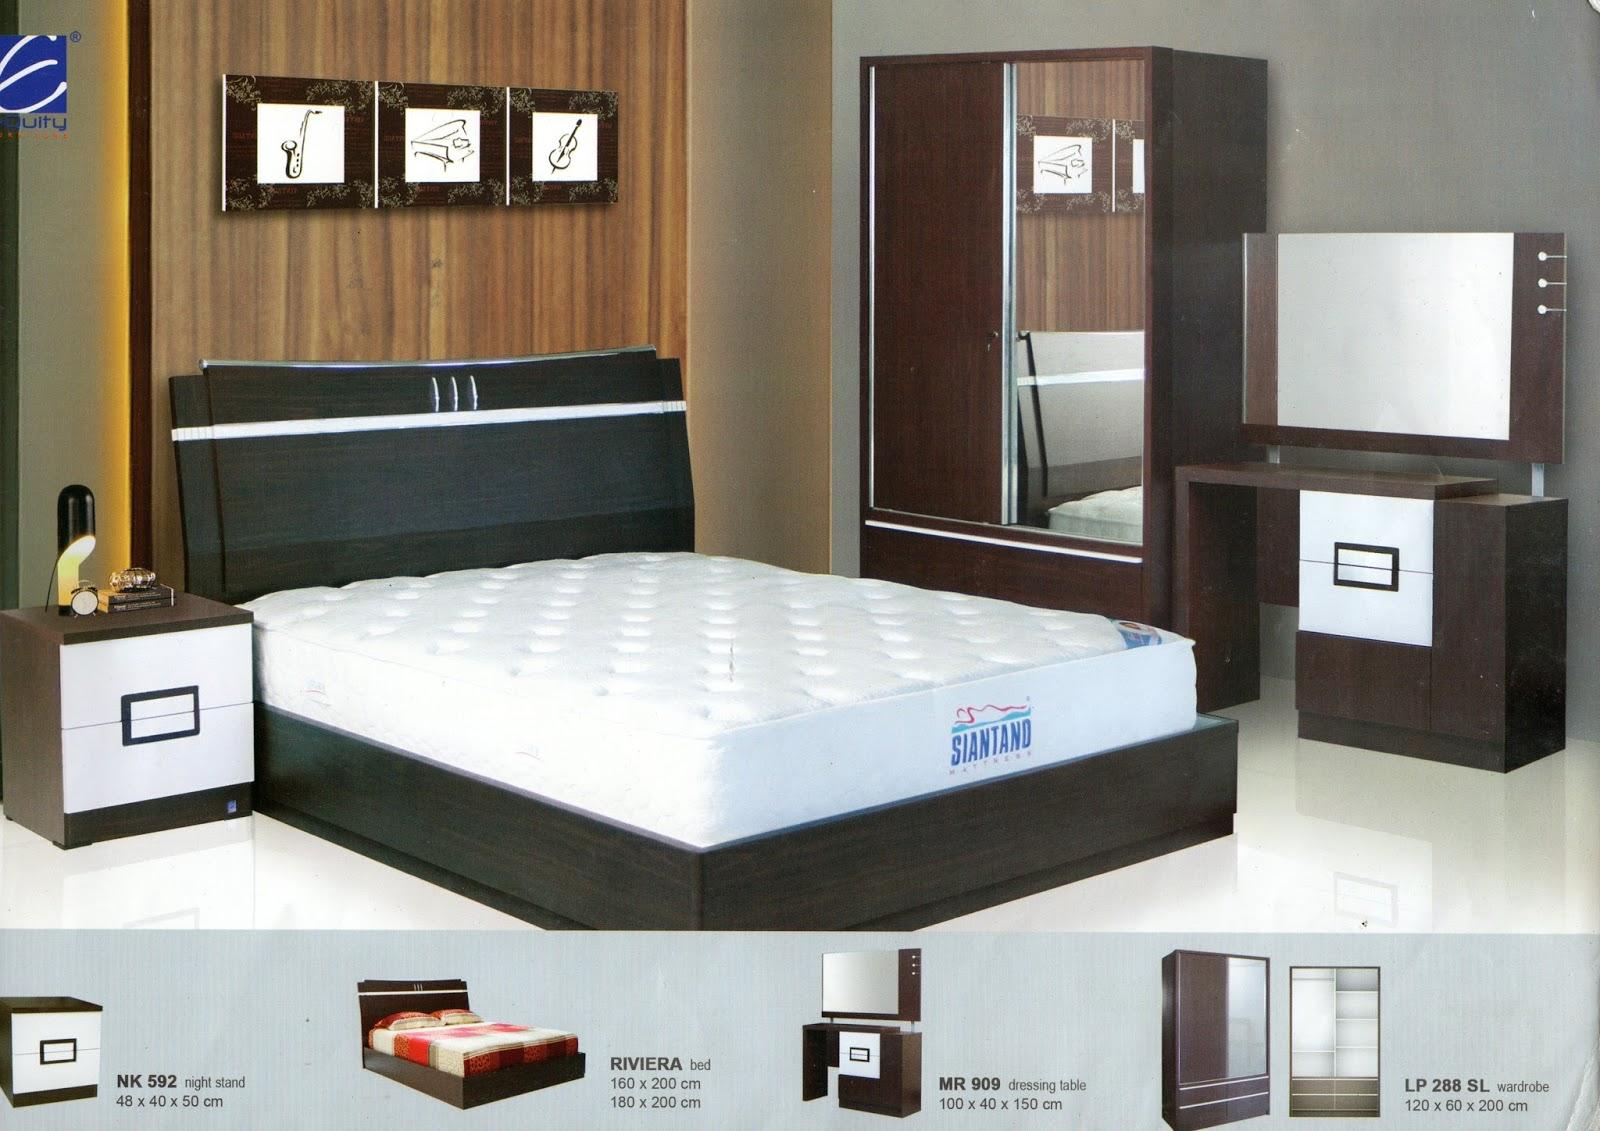 Jual Comforta Teenager Spring Latex Kasur Busa Di Toko Jempol Solo Fcenter Siantano Lp 385 Jawa Tengah Bedroom Mebel Slamet Riyadi